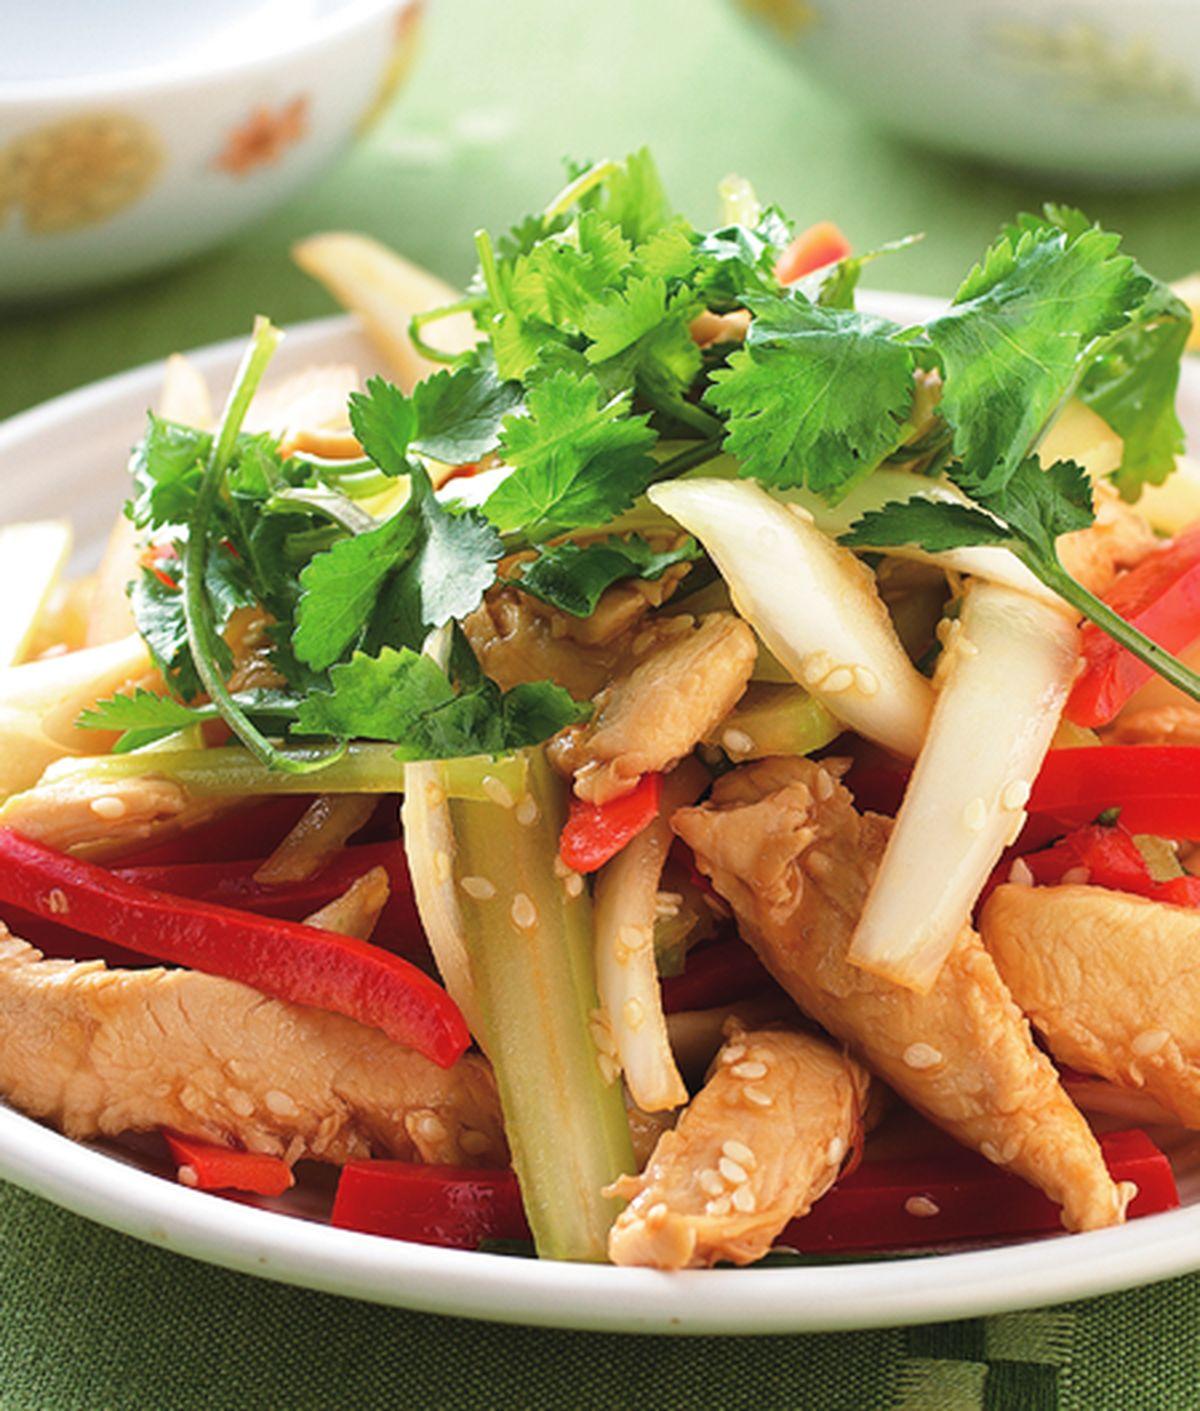 食譜:鮮蔬炒雞柳